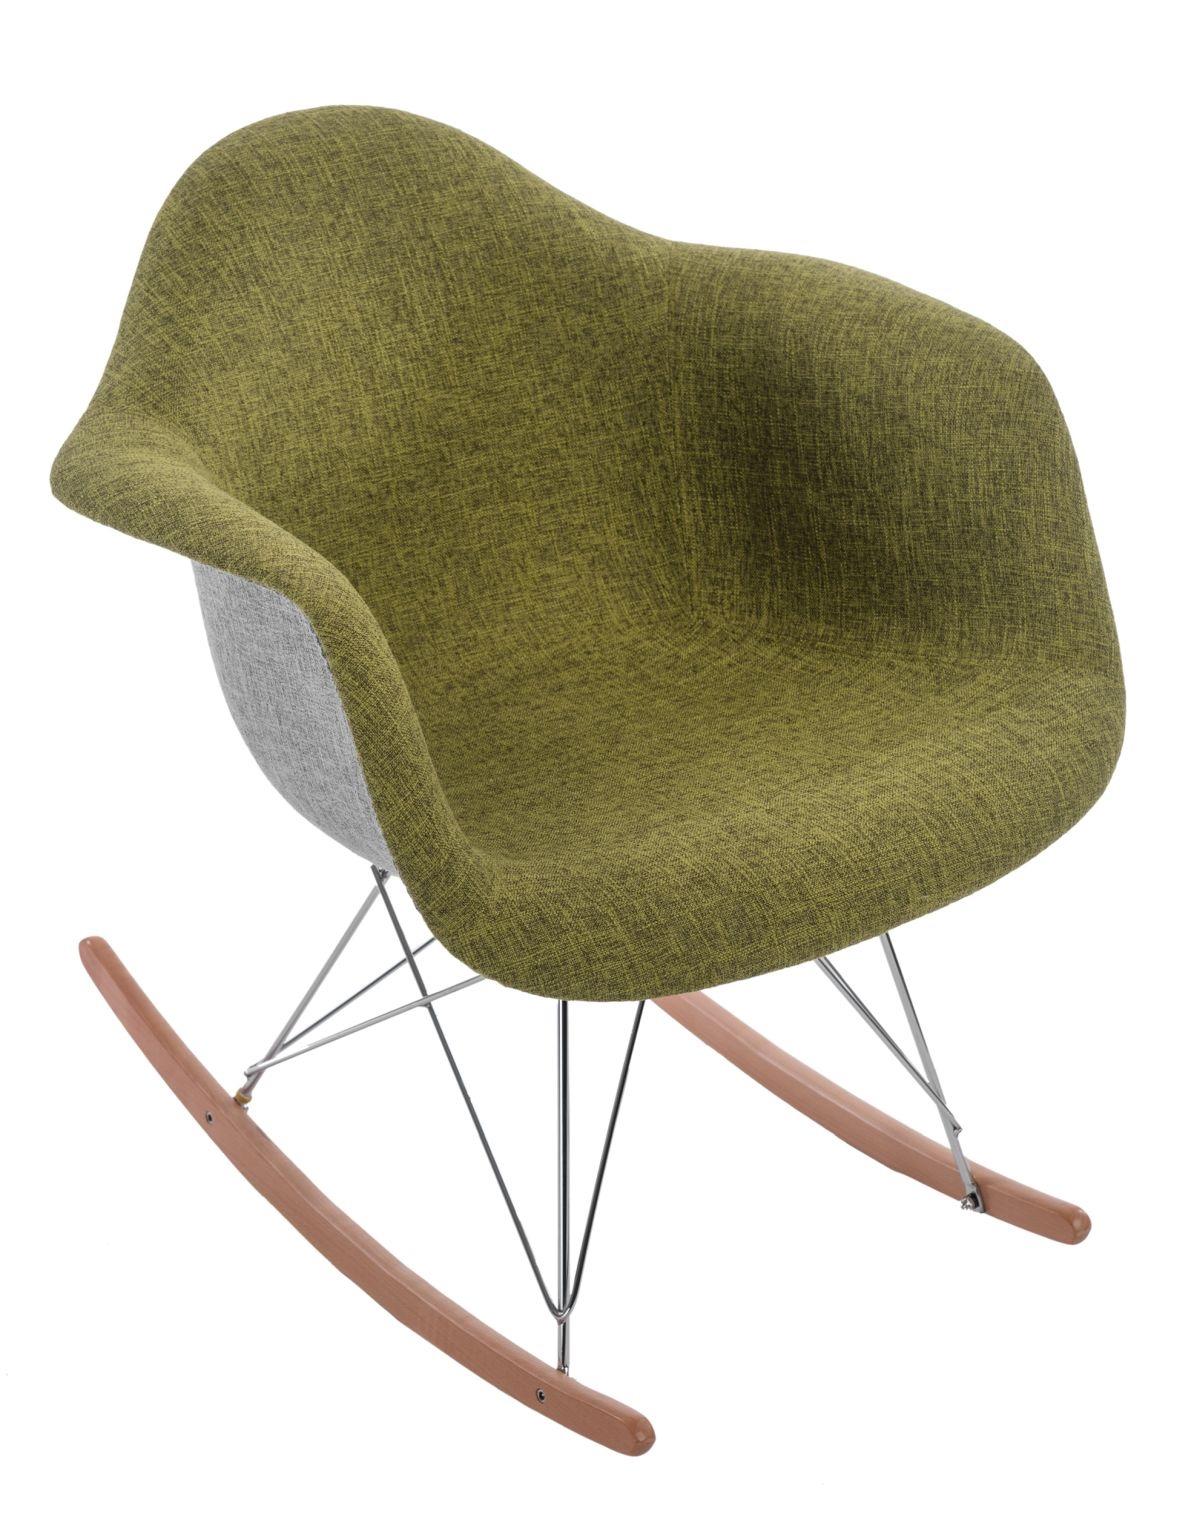 Designové houpací křeslo Blom čalouněné, šedá/zelená